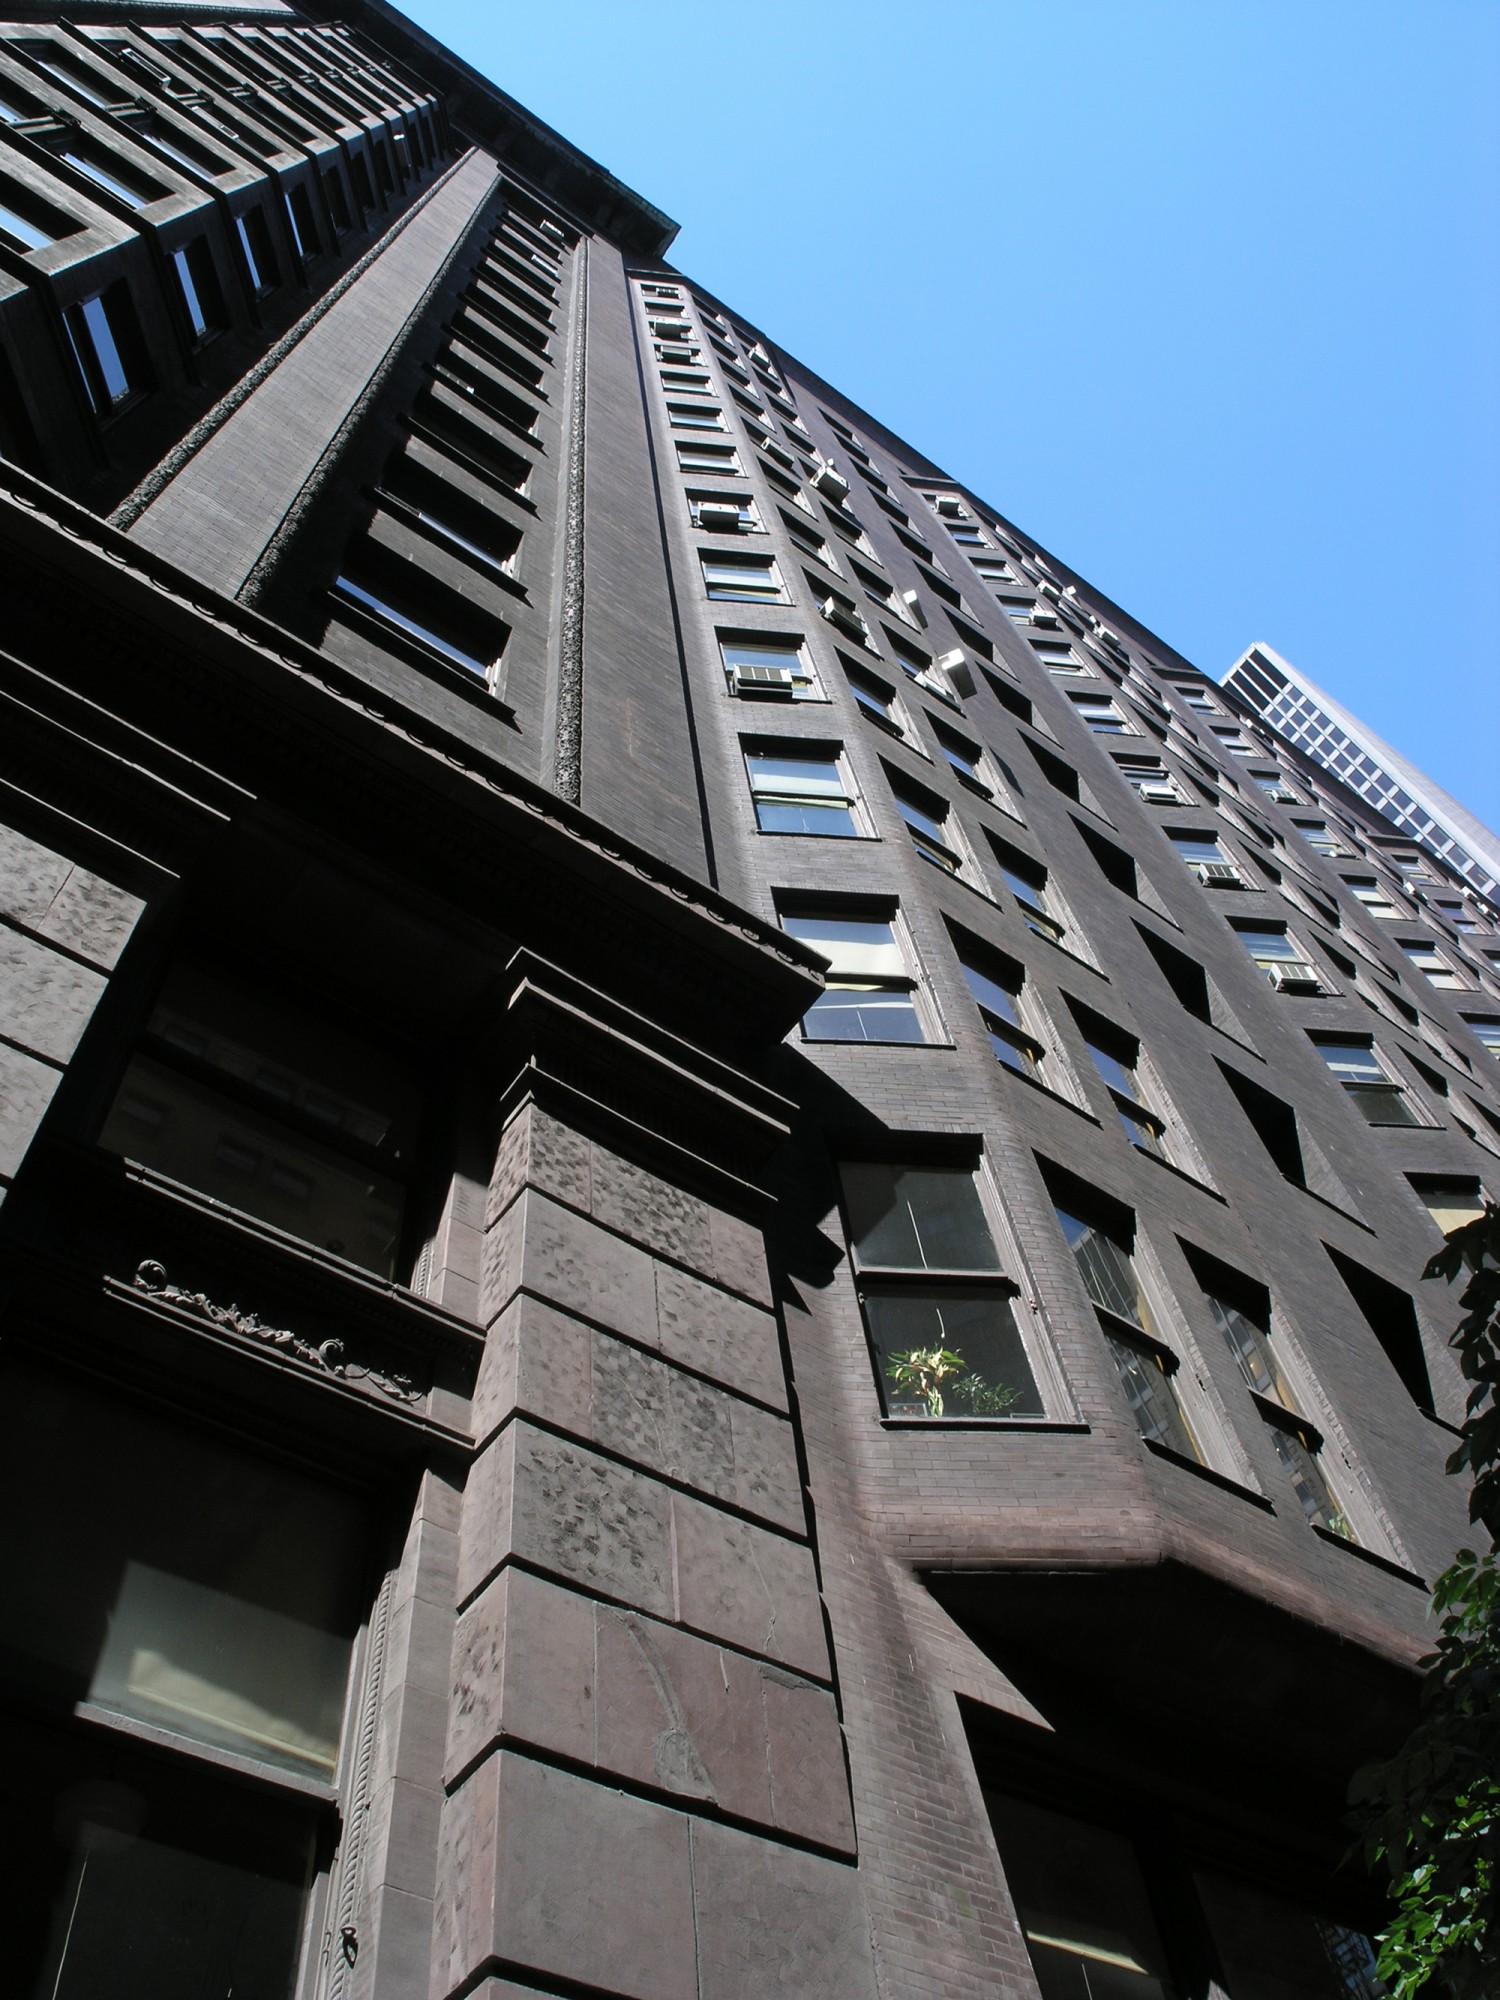 Daniel burnham architect planner leader tours for Commercial building architect